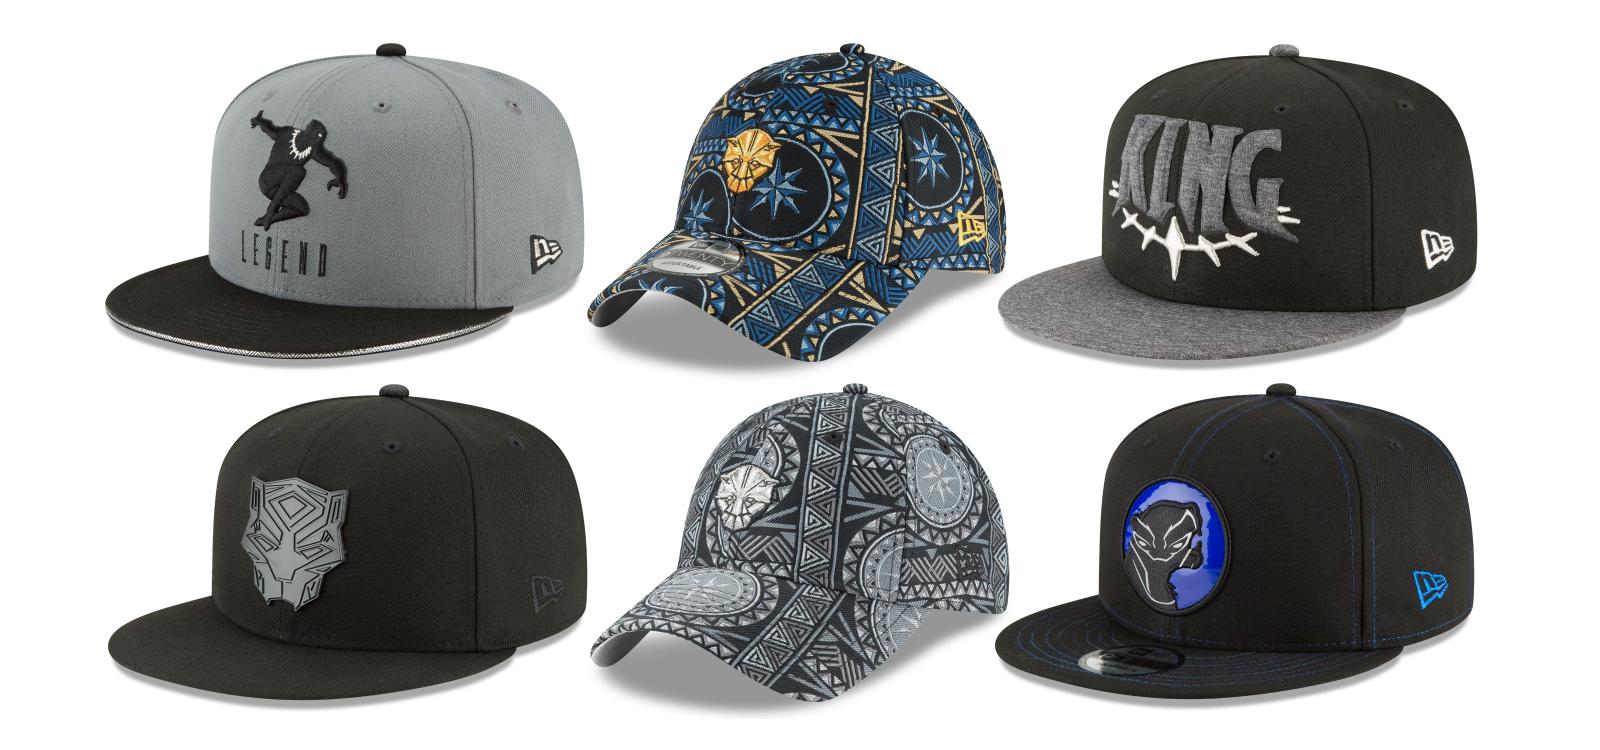 100% authentic c7d7c a5849 New Era Cap Unveils Its Black Panther Movie Marvel Hat Collection!